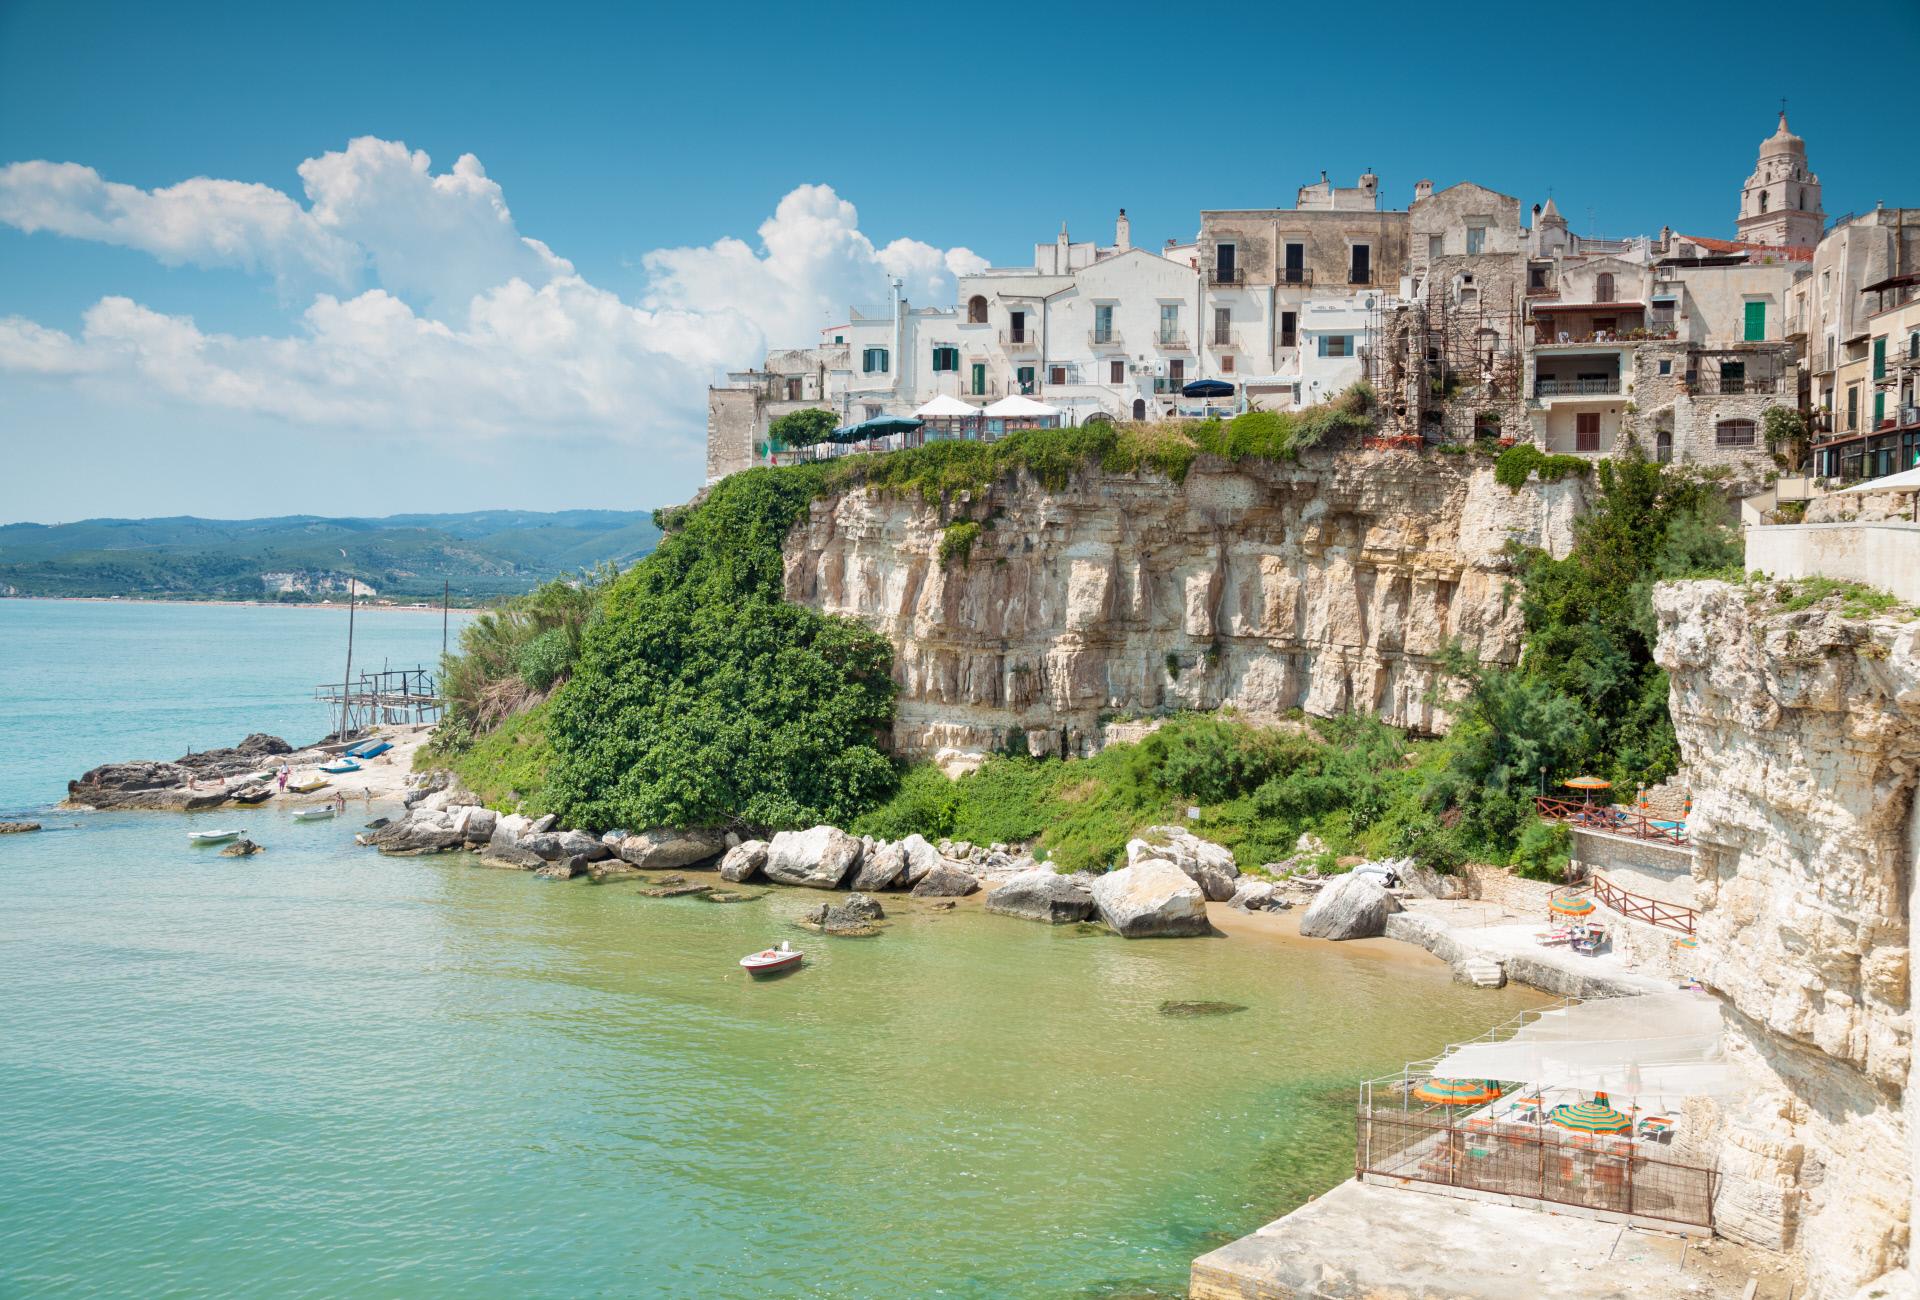 La città vecchia di Vieste, Puglia / Gtres